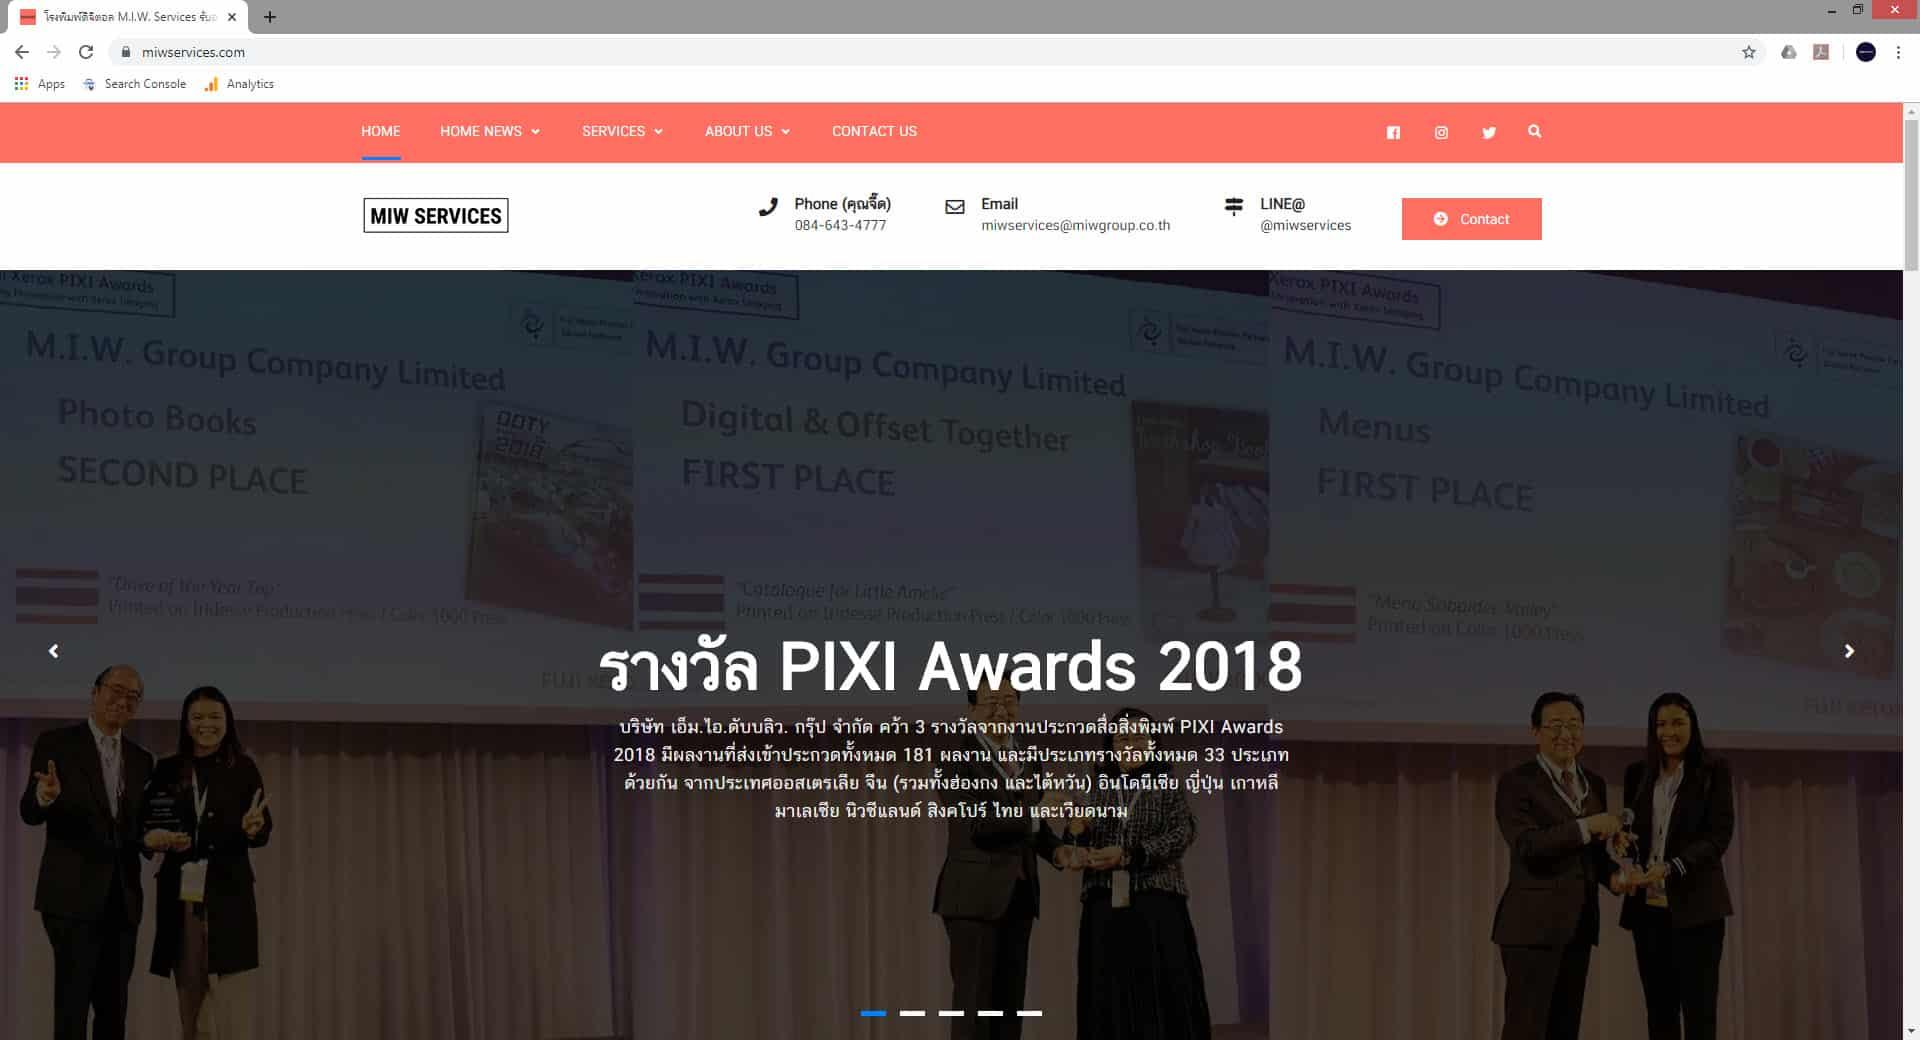 รูป 2019 10 26 14 51 43 ประกอบเนื้อหา M.I.W Group เปิดตัวเว็บไซต์ใหม่ล่าสุด M.I.W. Services ต่อยอดธุรกิจที่หลากหลายขึ้น